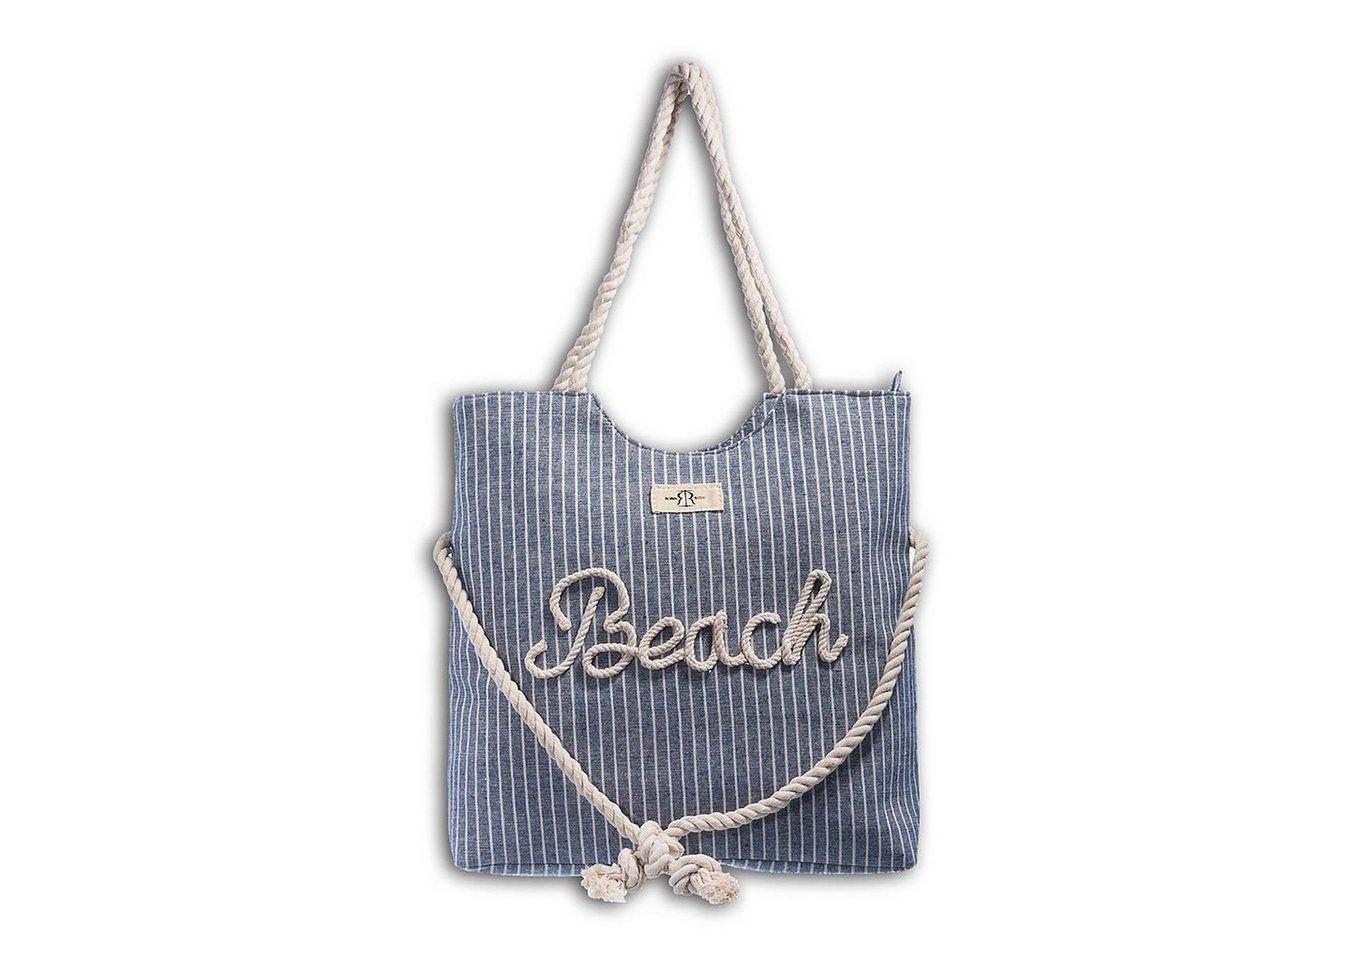 robin ruth -  Schultertasche »OTG2094B  Strandtasche Canvas blau beige« (Strandtasche), Strandtasche, Schultertasche Baumwolle, Polyester, blau, beige ca. 40,5cm x ca. 47cm